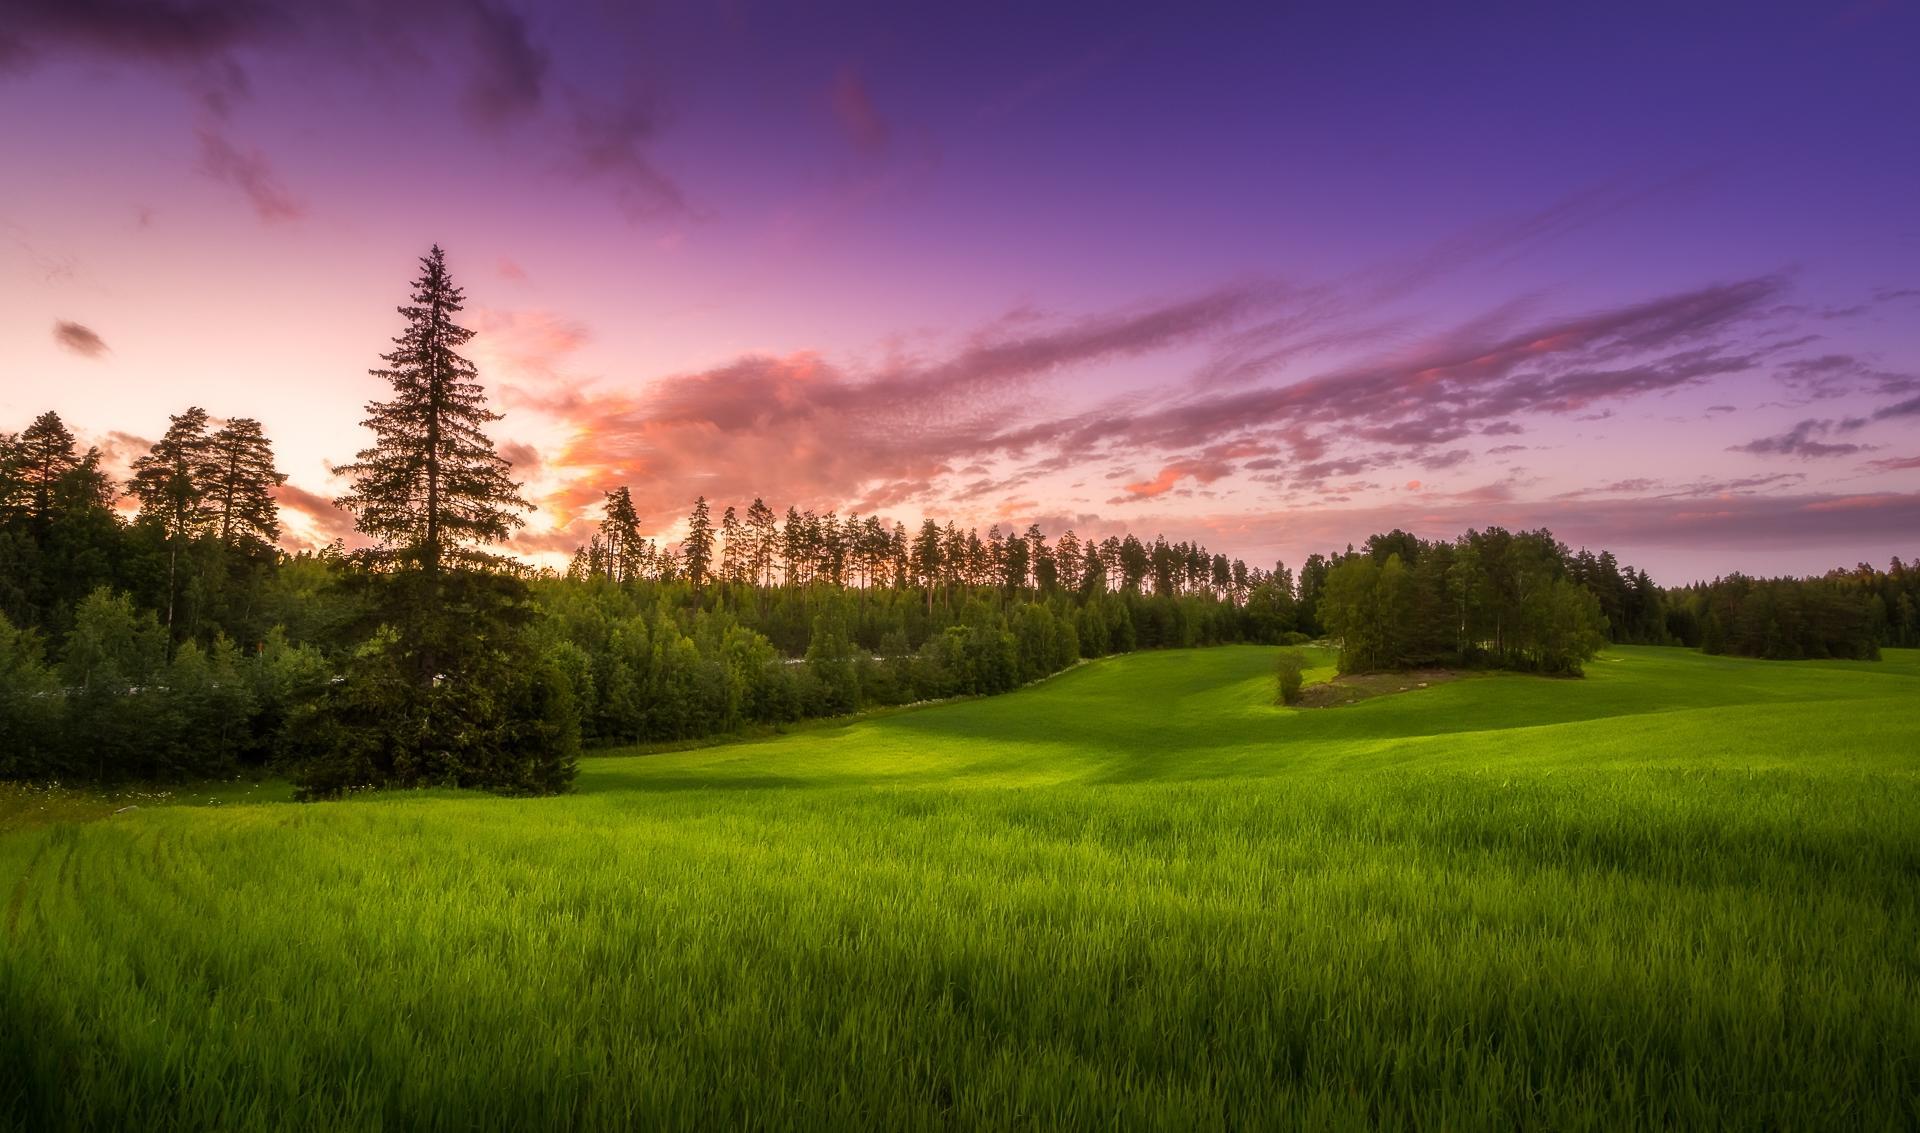 обои закат, поле, деревья, пейзаж картинки фото